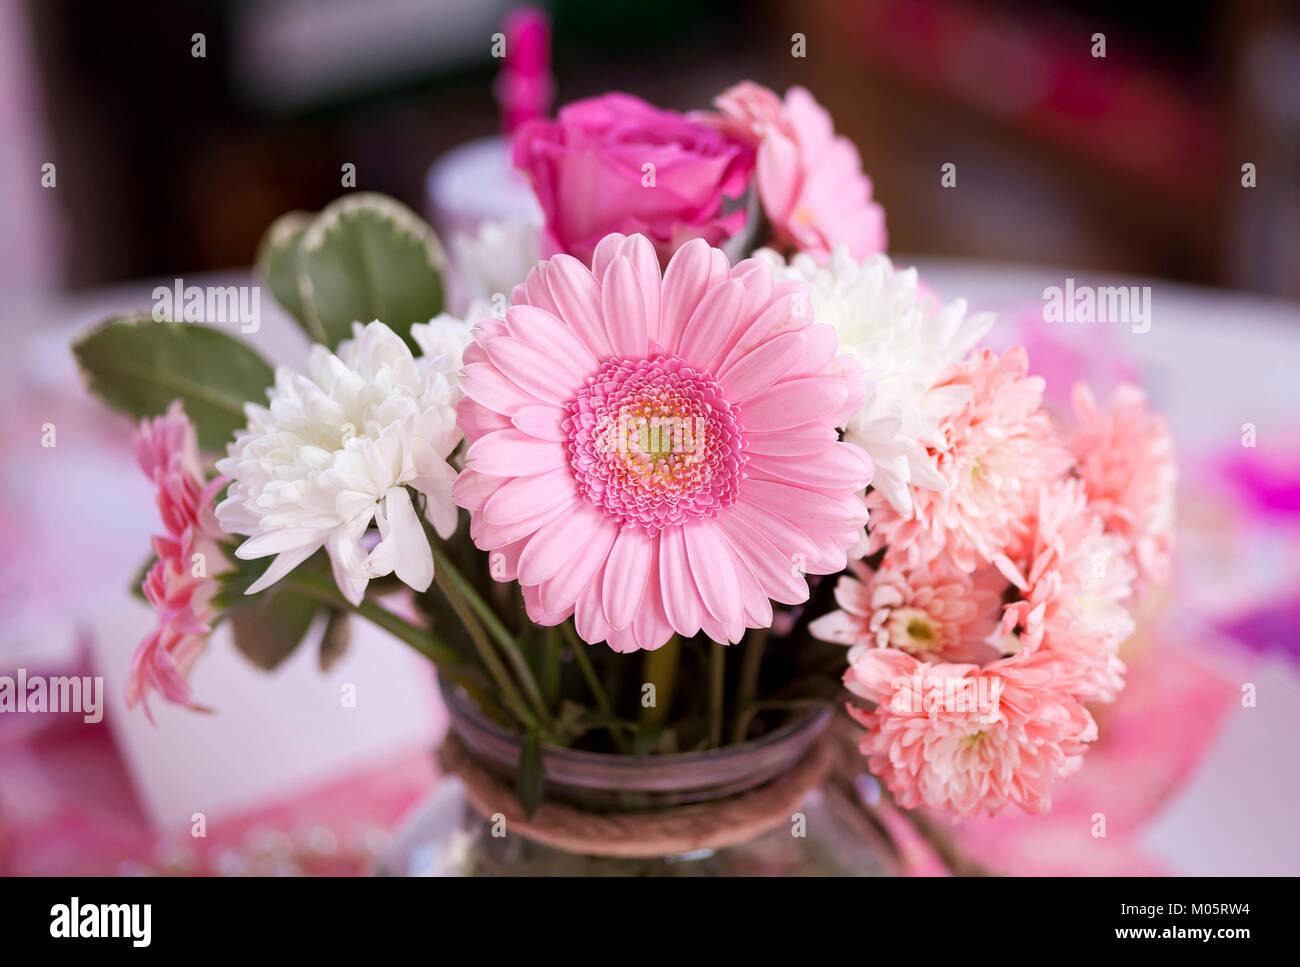 Schone Rosa Gerbera Blume Im Fokus In Einem Bundel Anderer Blumen